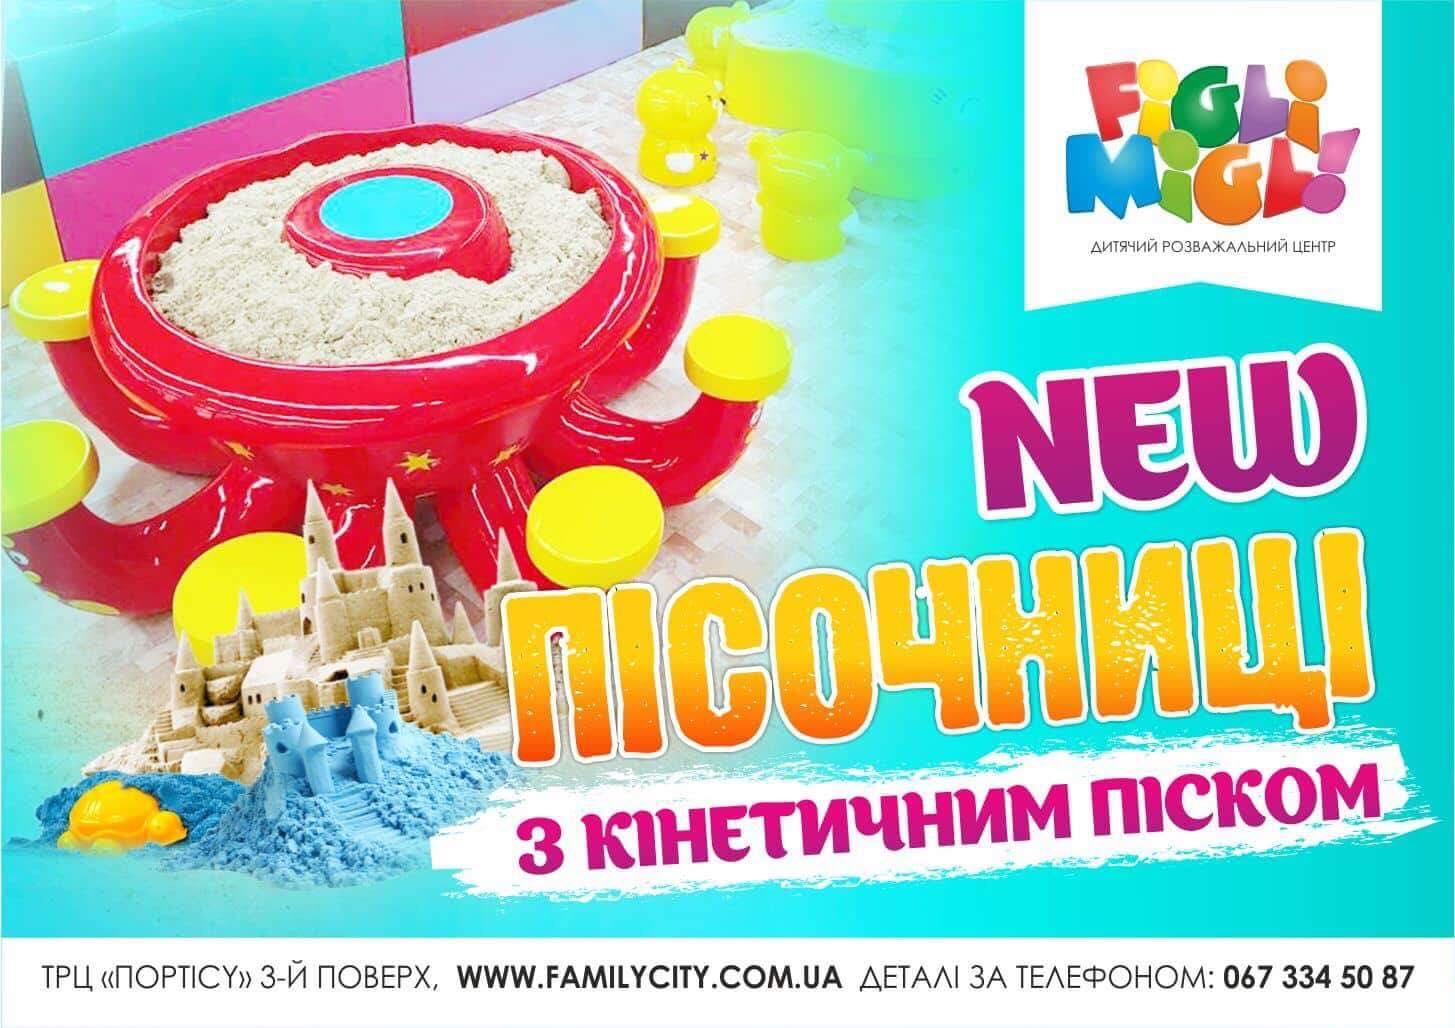 У дитячому розважальному центрі Луцька нові розваги